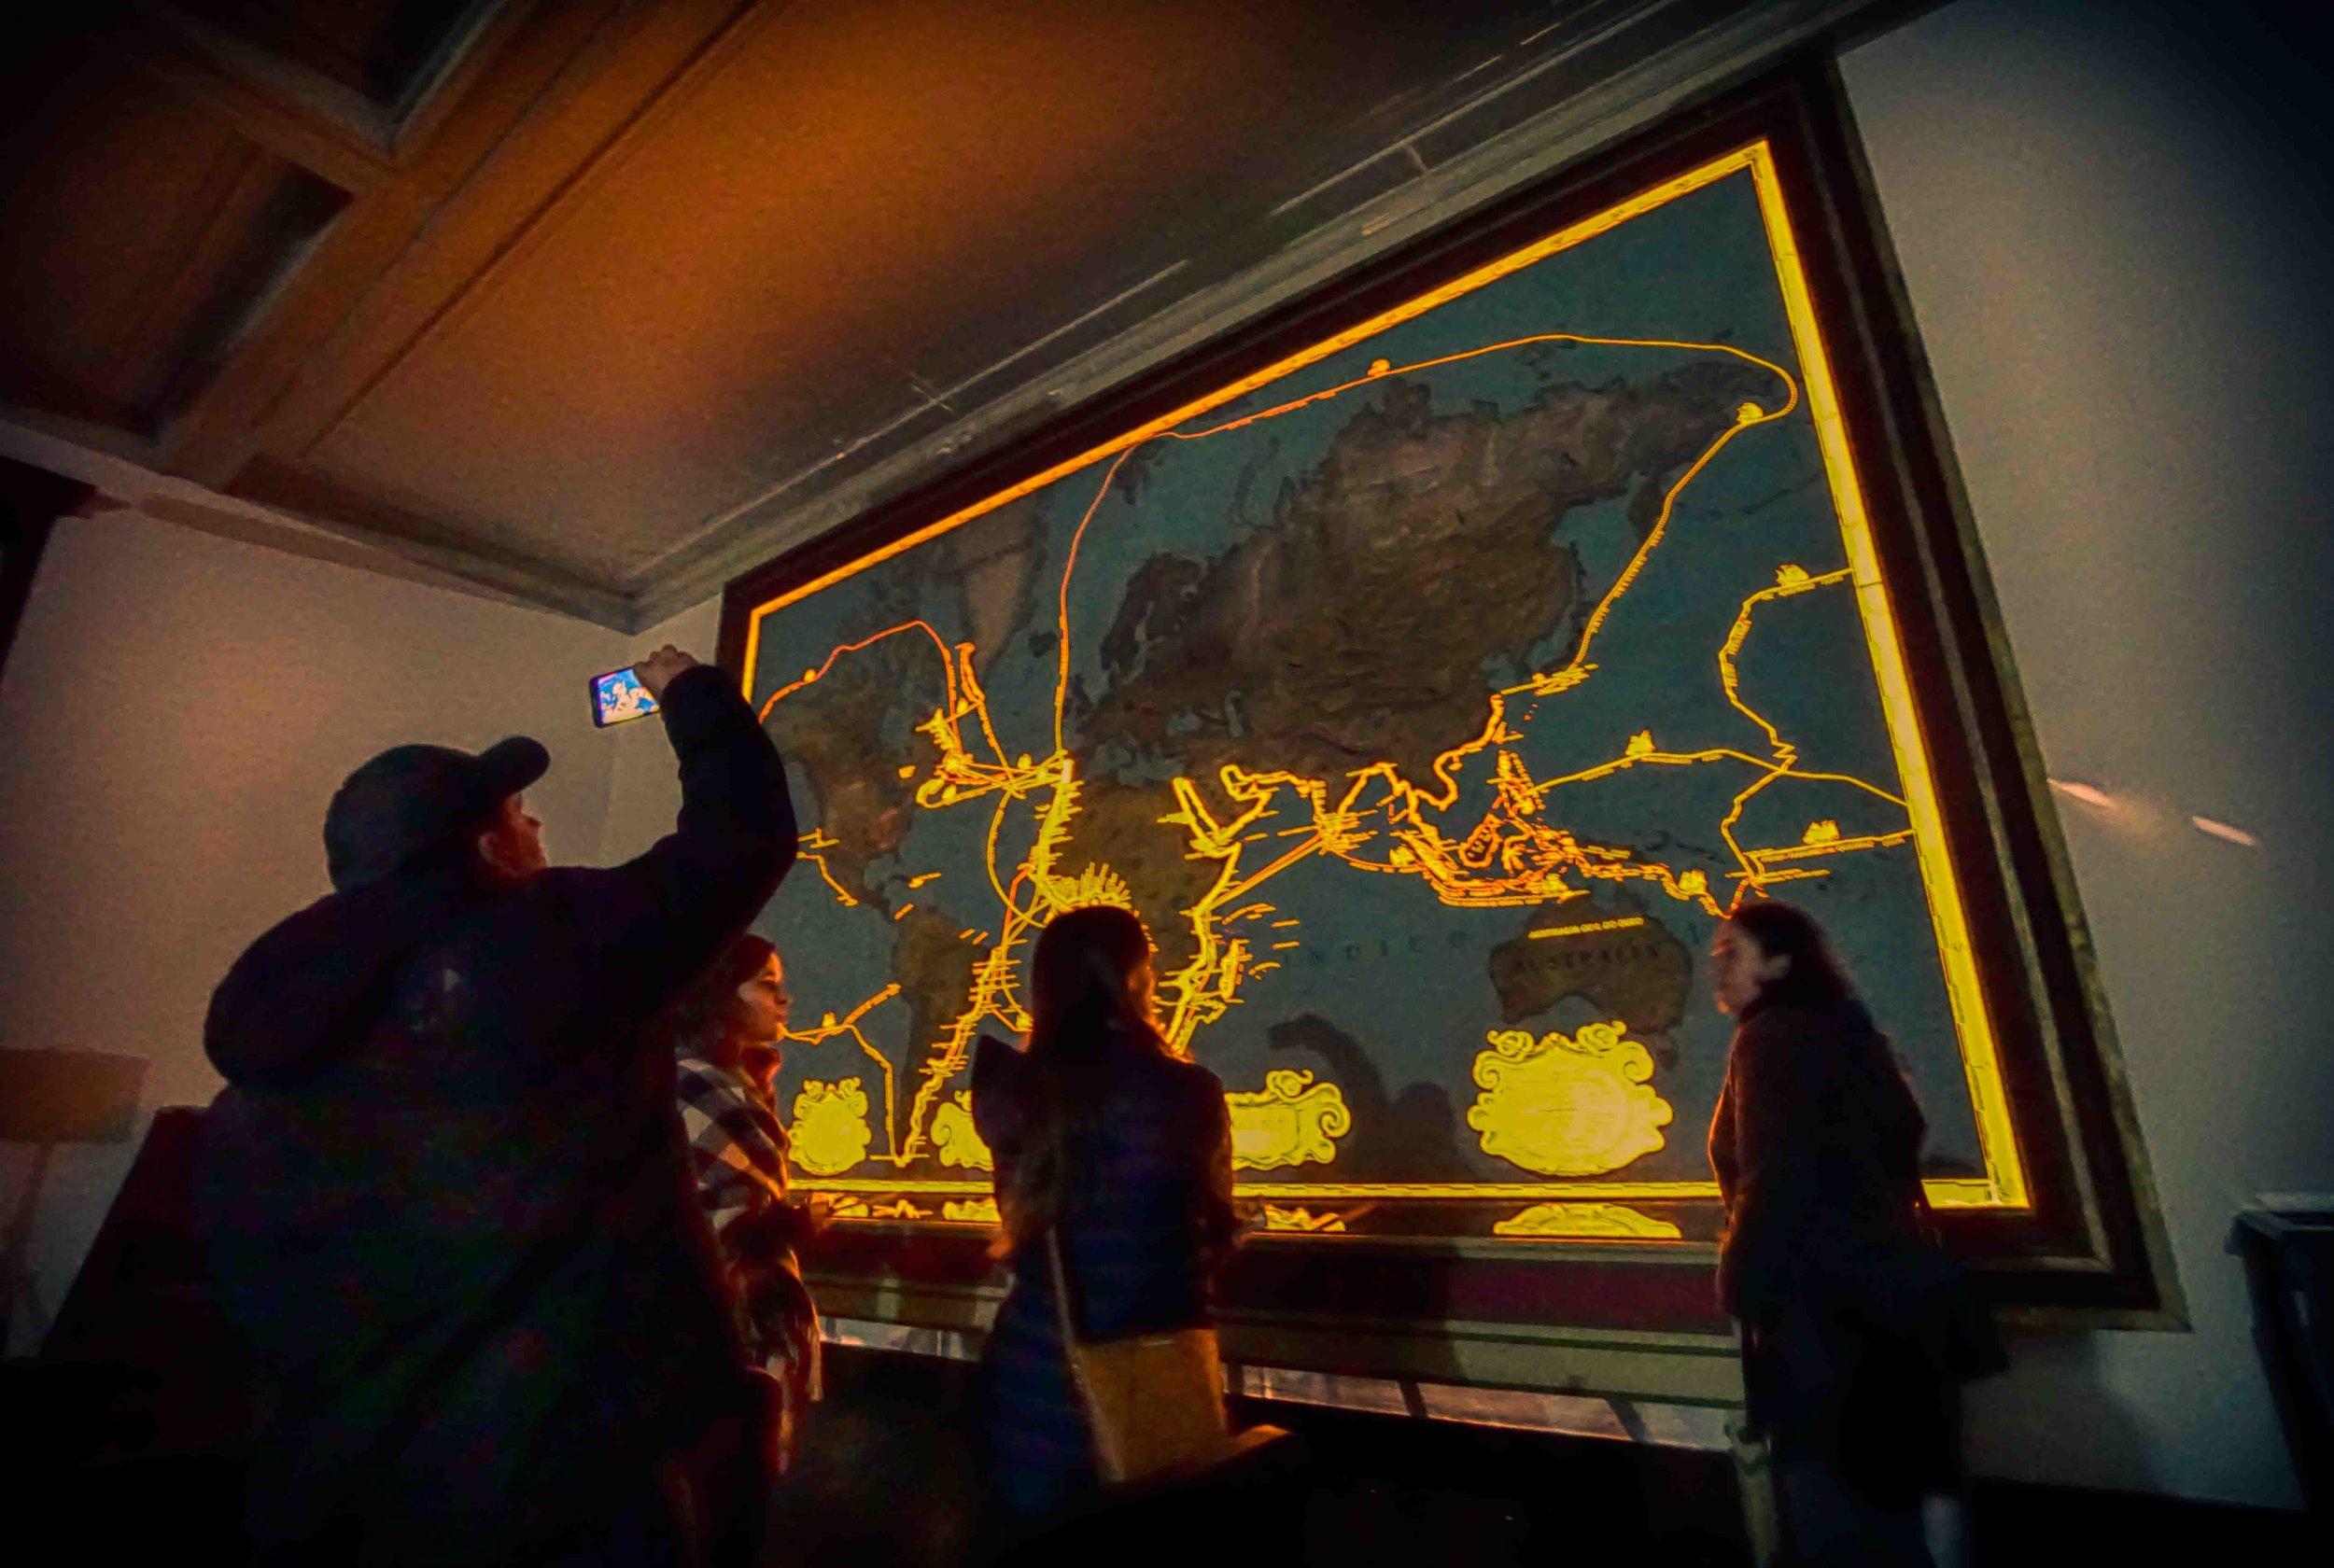 Une fois les lumières éteintes, le Museu da Sociedade de Geografia devient encore plus surprenant